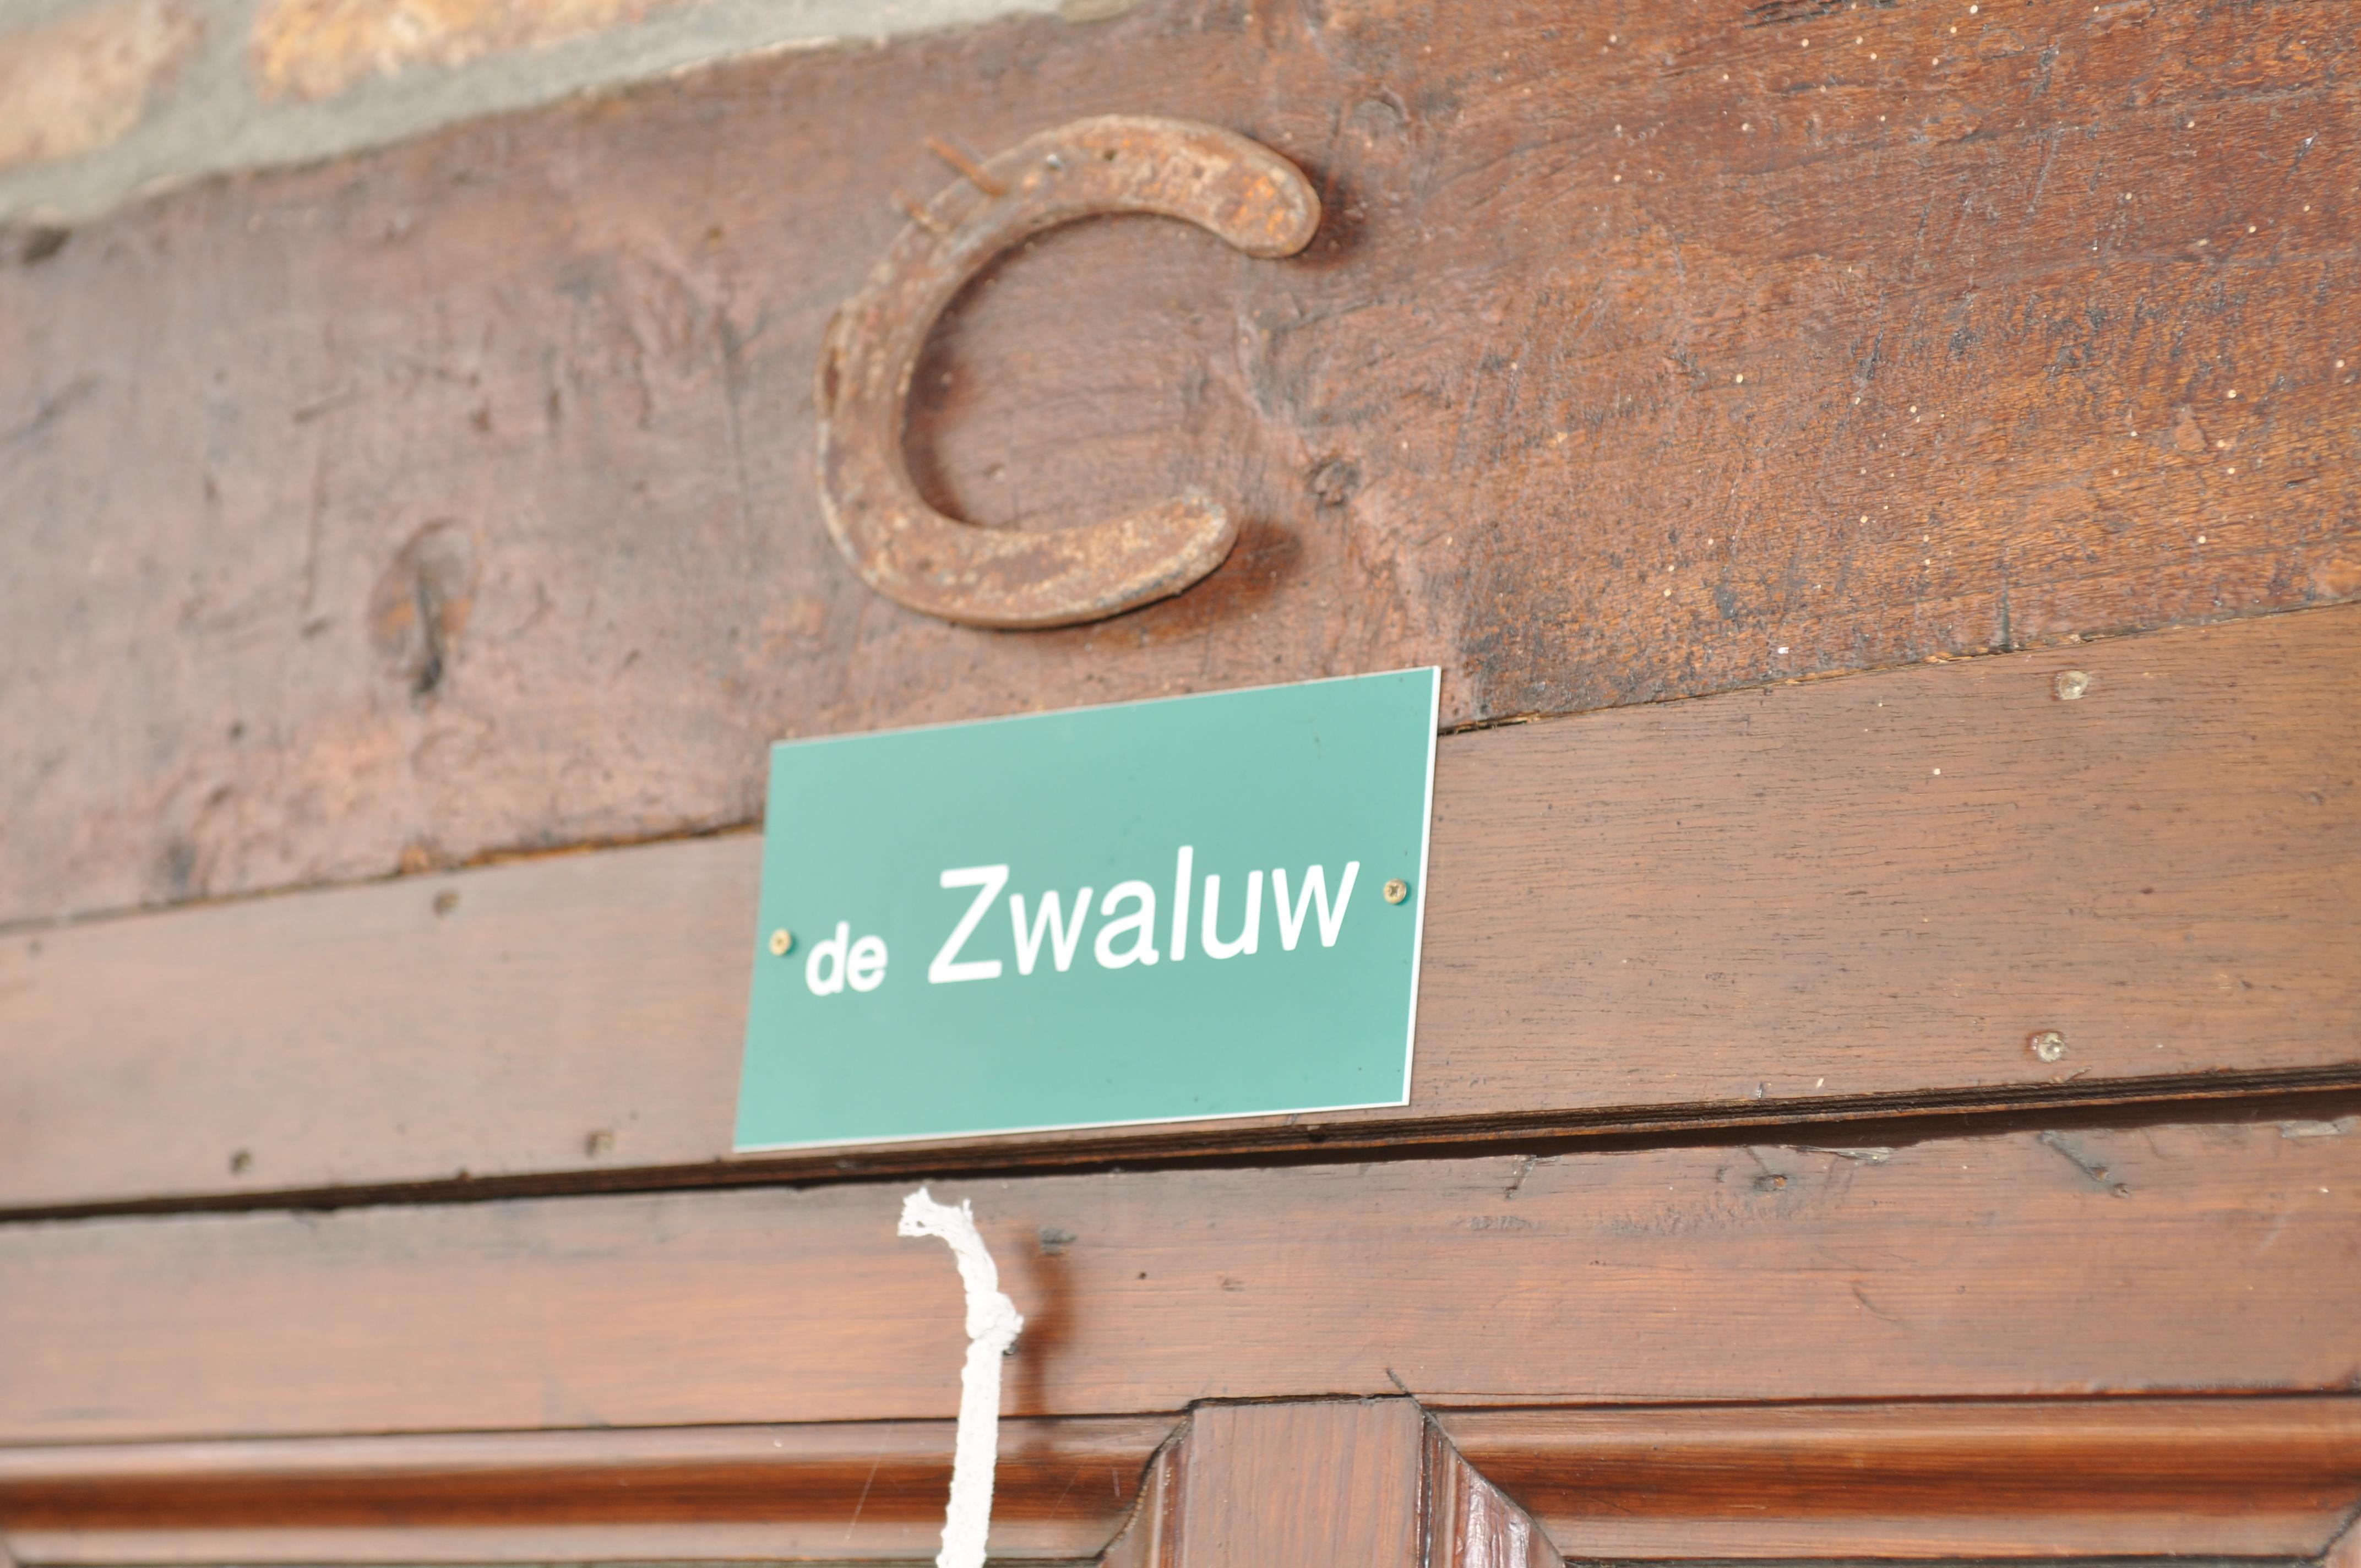 Frensjerhofke naambordje huisje de Zwaluw